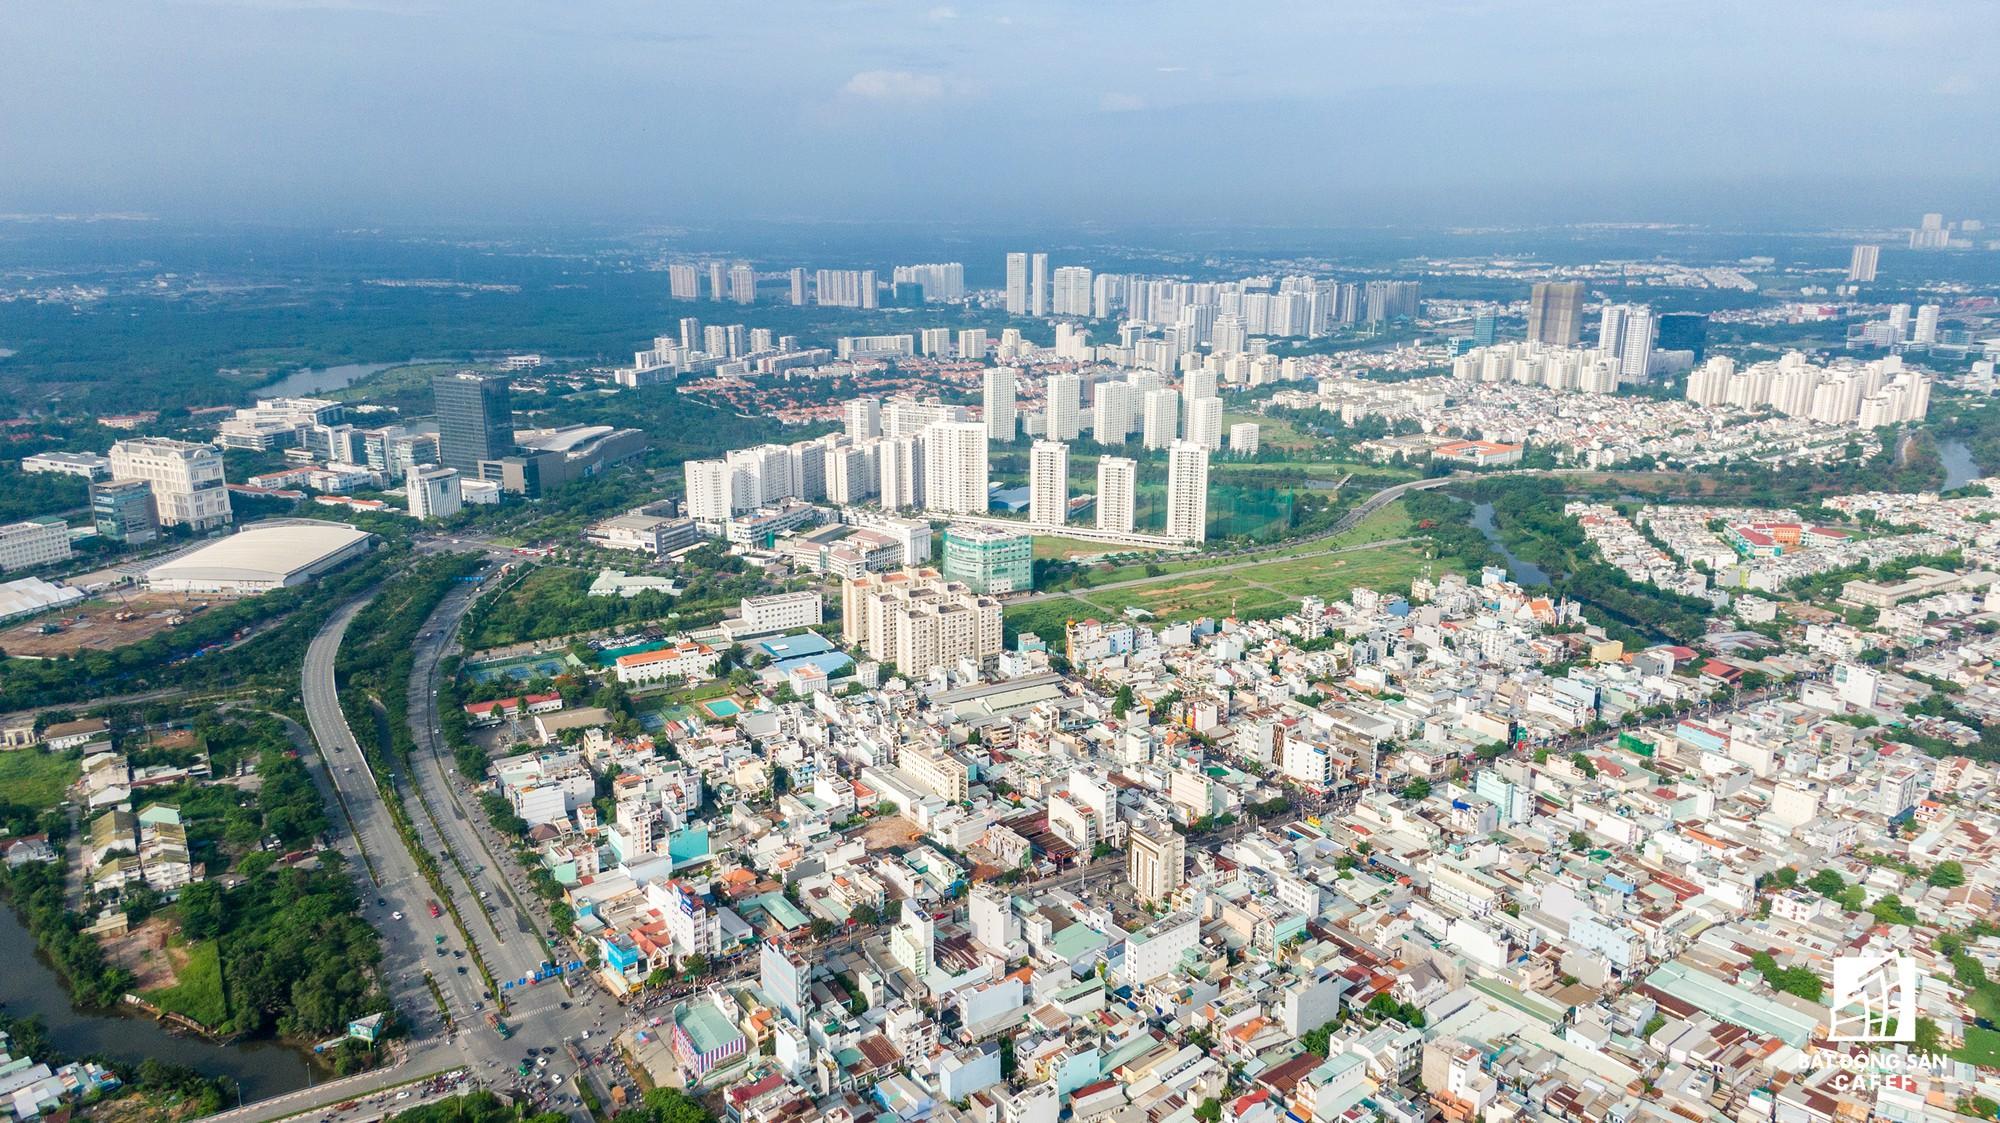 Toàn cảnh đại lộ tỷ đô đã tạo nên một thị trường bất động sản rất riêng cho khu Nam Sài Gòn - Ảnh 17. Toàn cảnh đại lộ tỷ đô đã tạo nên một thị trường bất động sản rất riêng cho khu Nam Sài Gòn Toàn cảnh đại lộ tỷ đô đã tạo nên một thị trường bất động sản rất riêng cho khu Nam Sài Gòn hinh21 15672205070821272145104